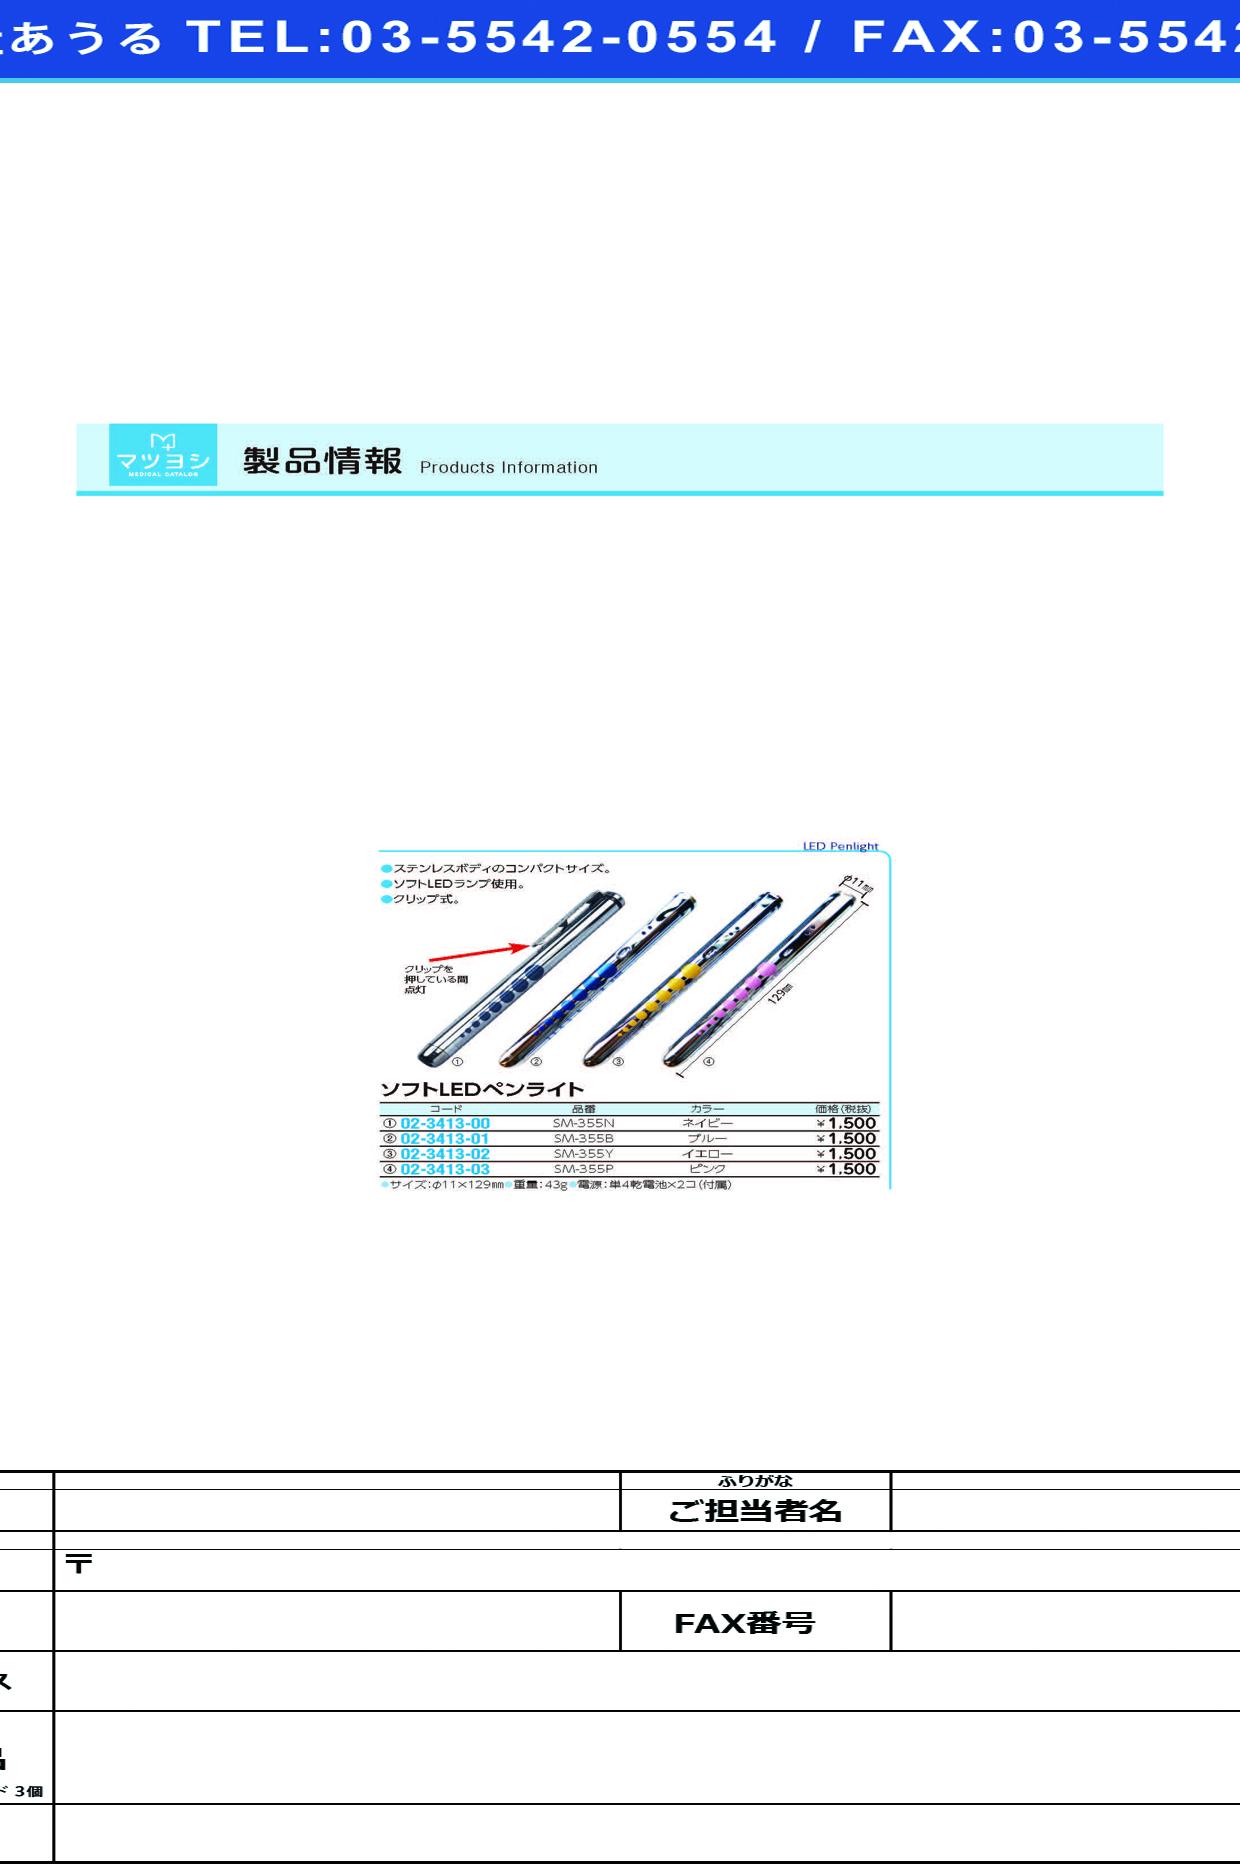 ソフトLEDペンライト(瞳孔ゲージ付 SM-355Y(イエロー) ソフトLEDペンライト